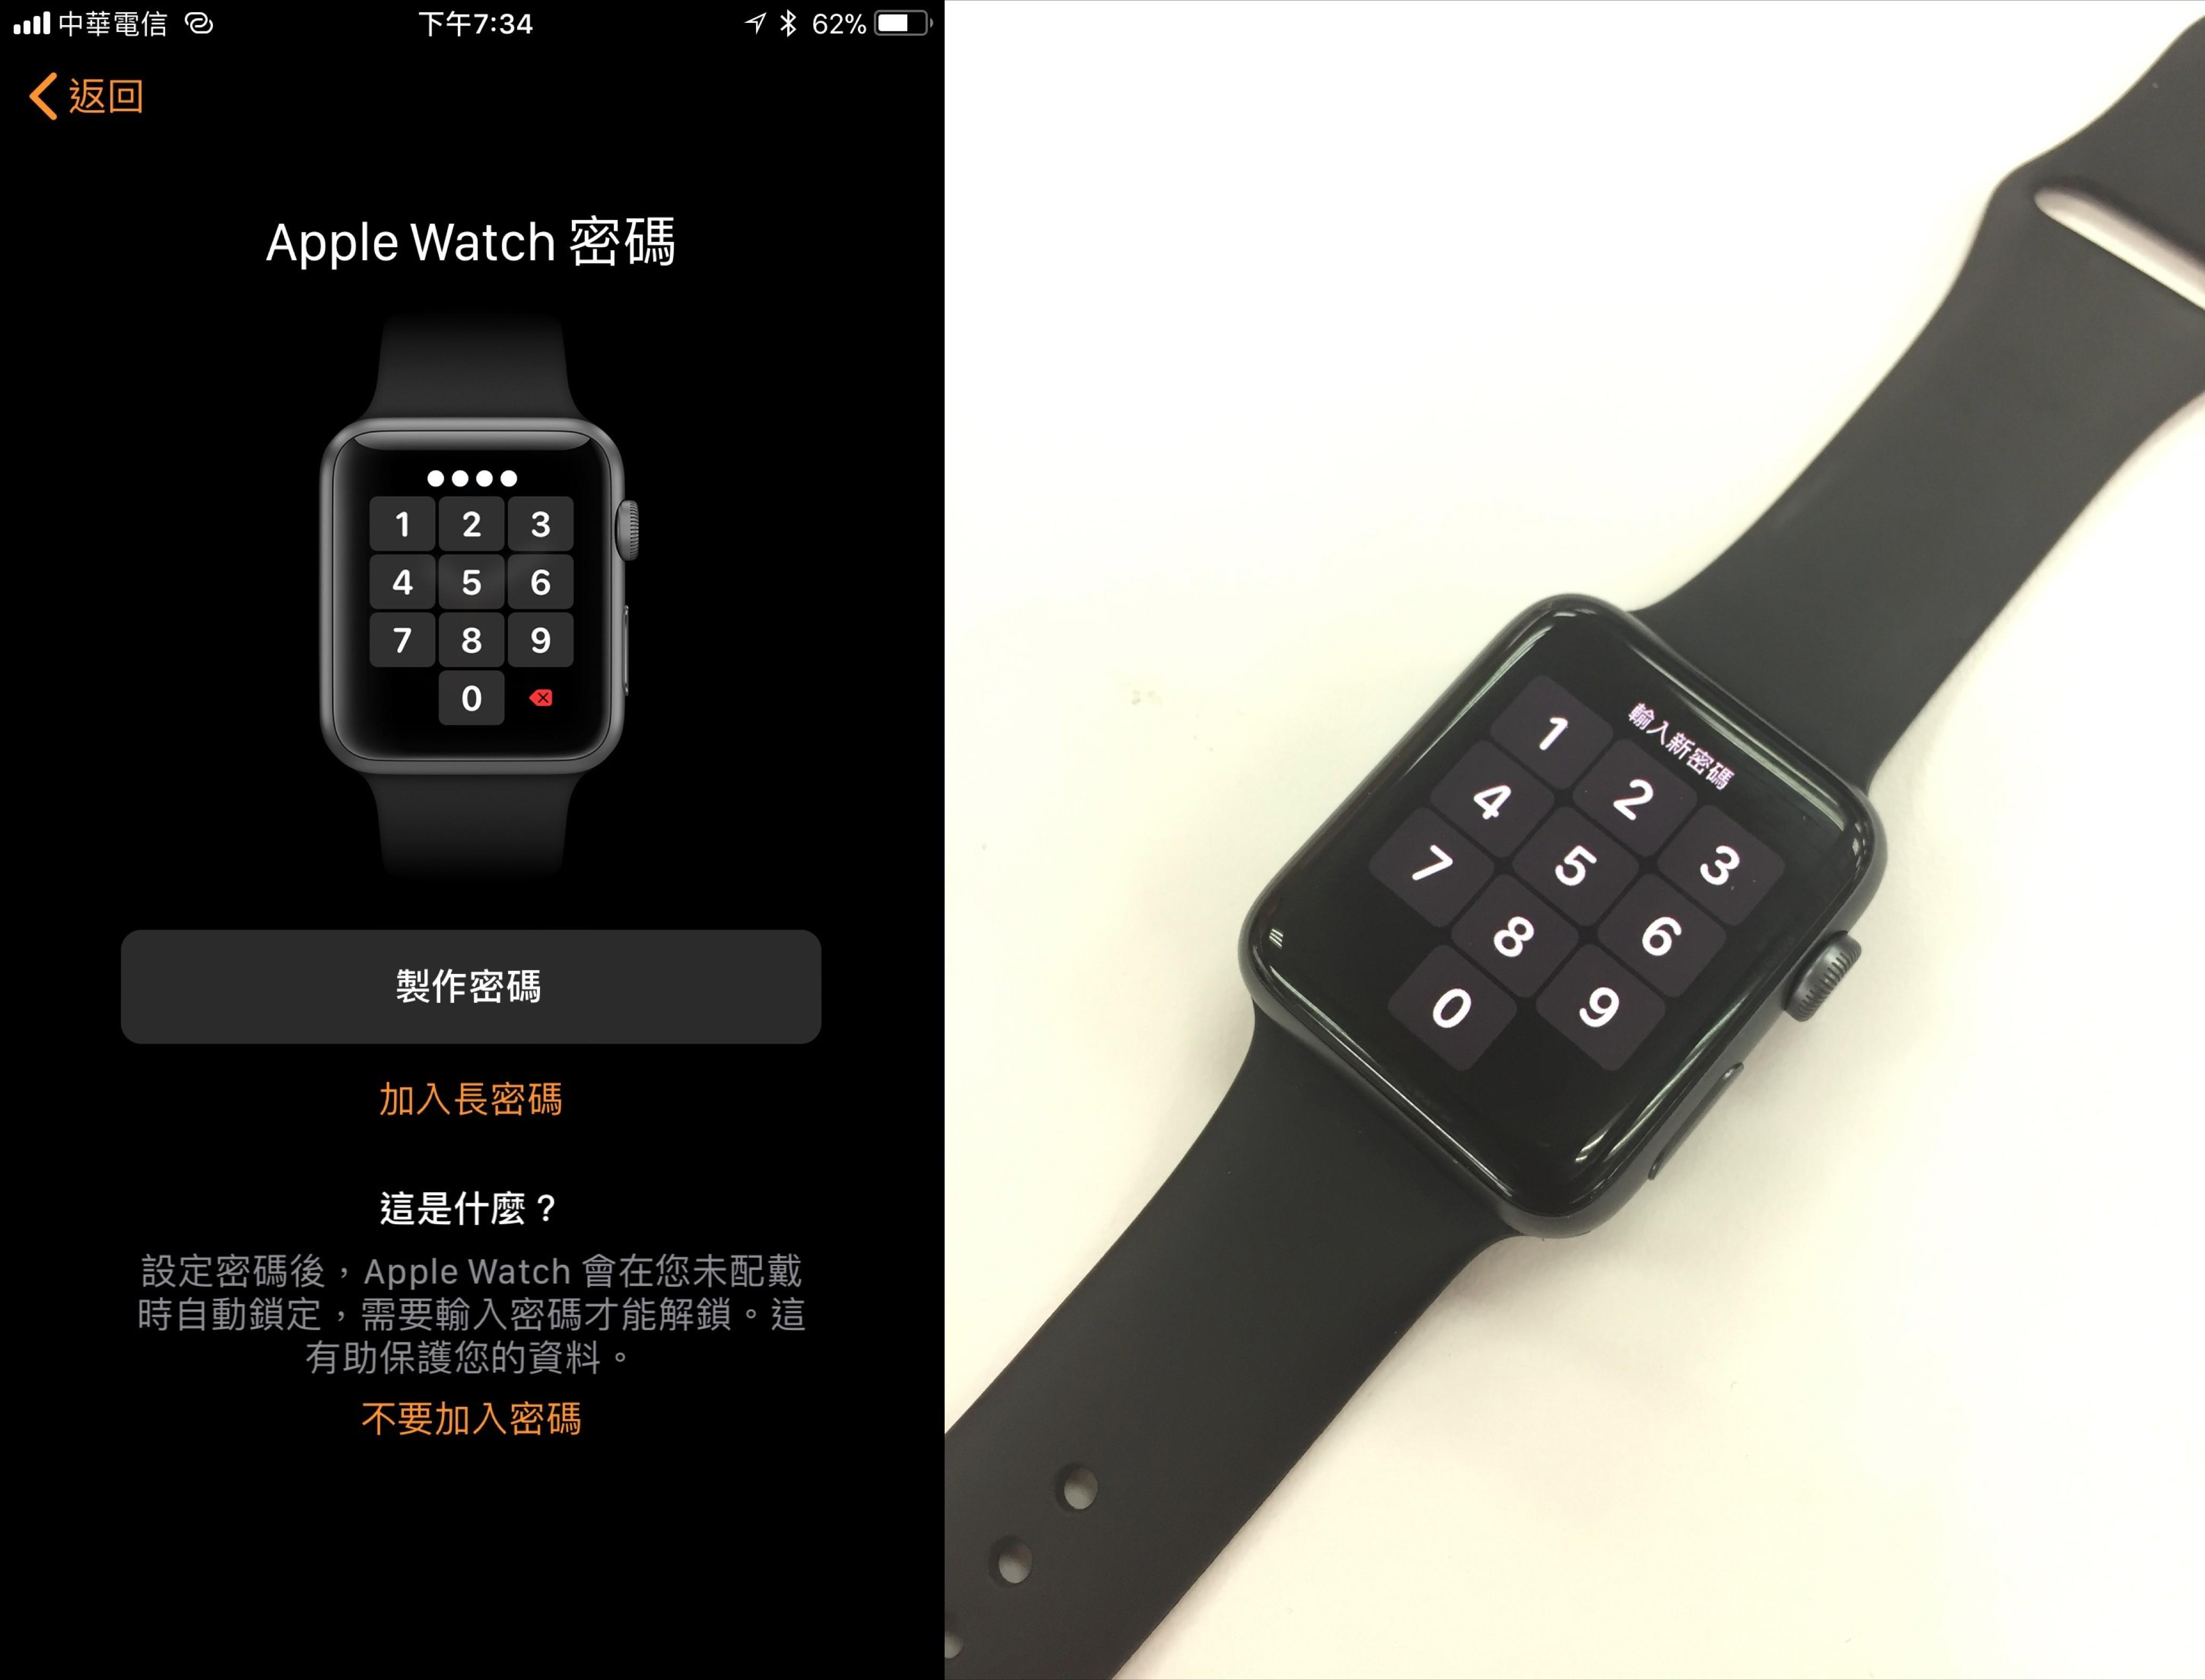 將 Apple Watch 與 iPhone 配對 5